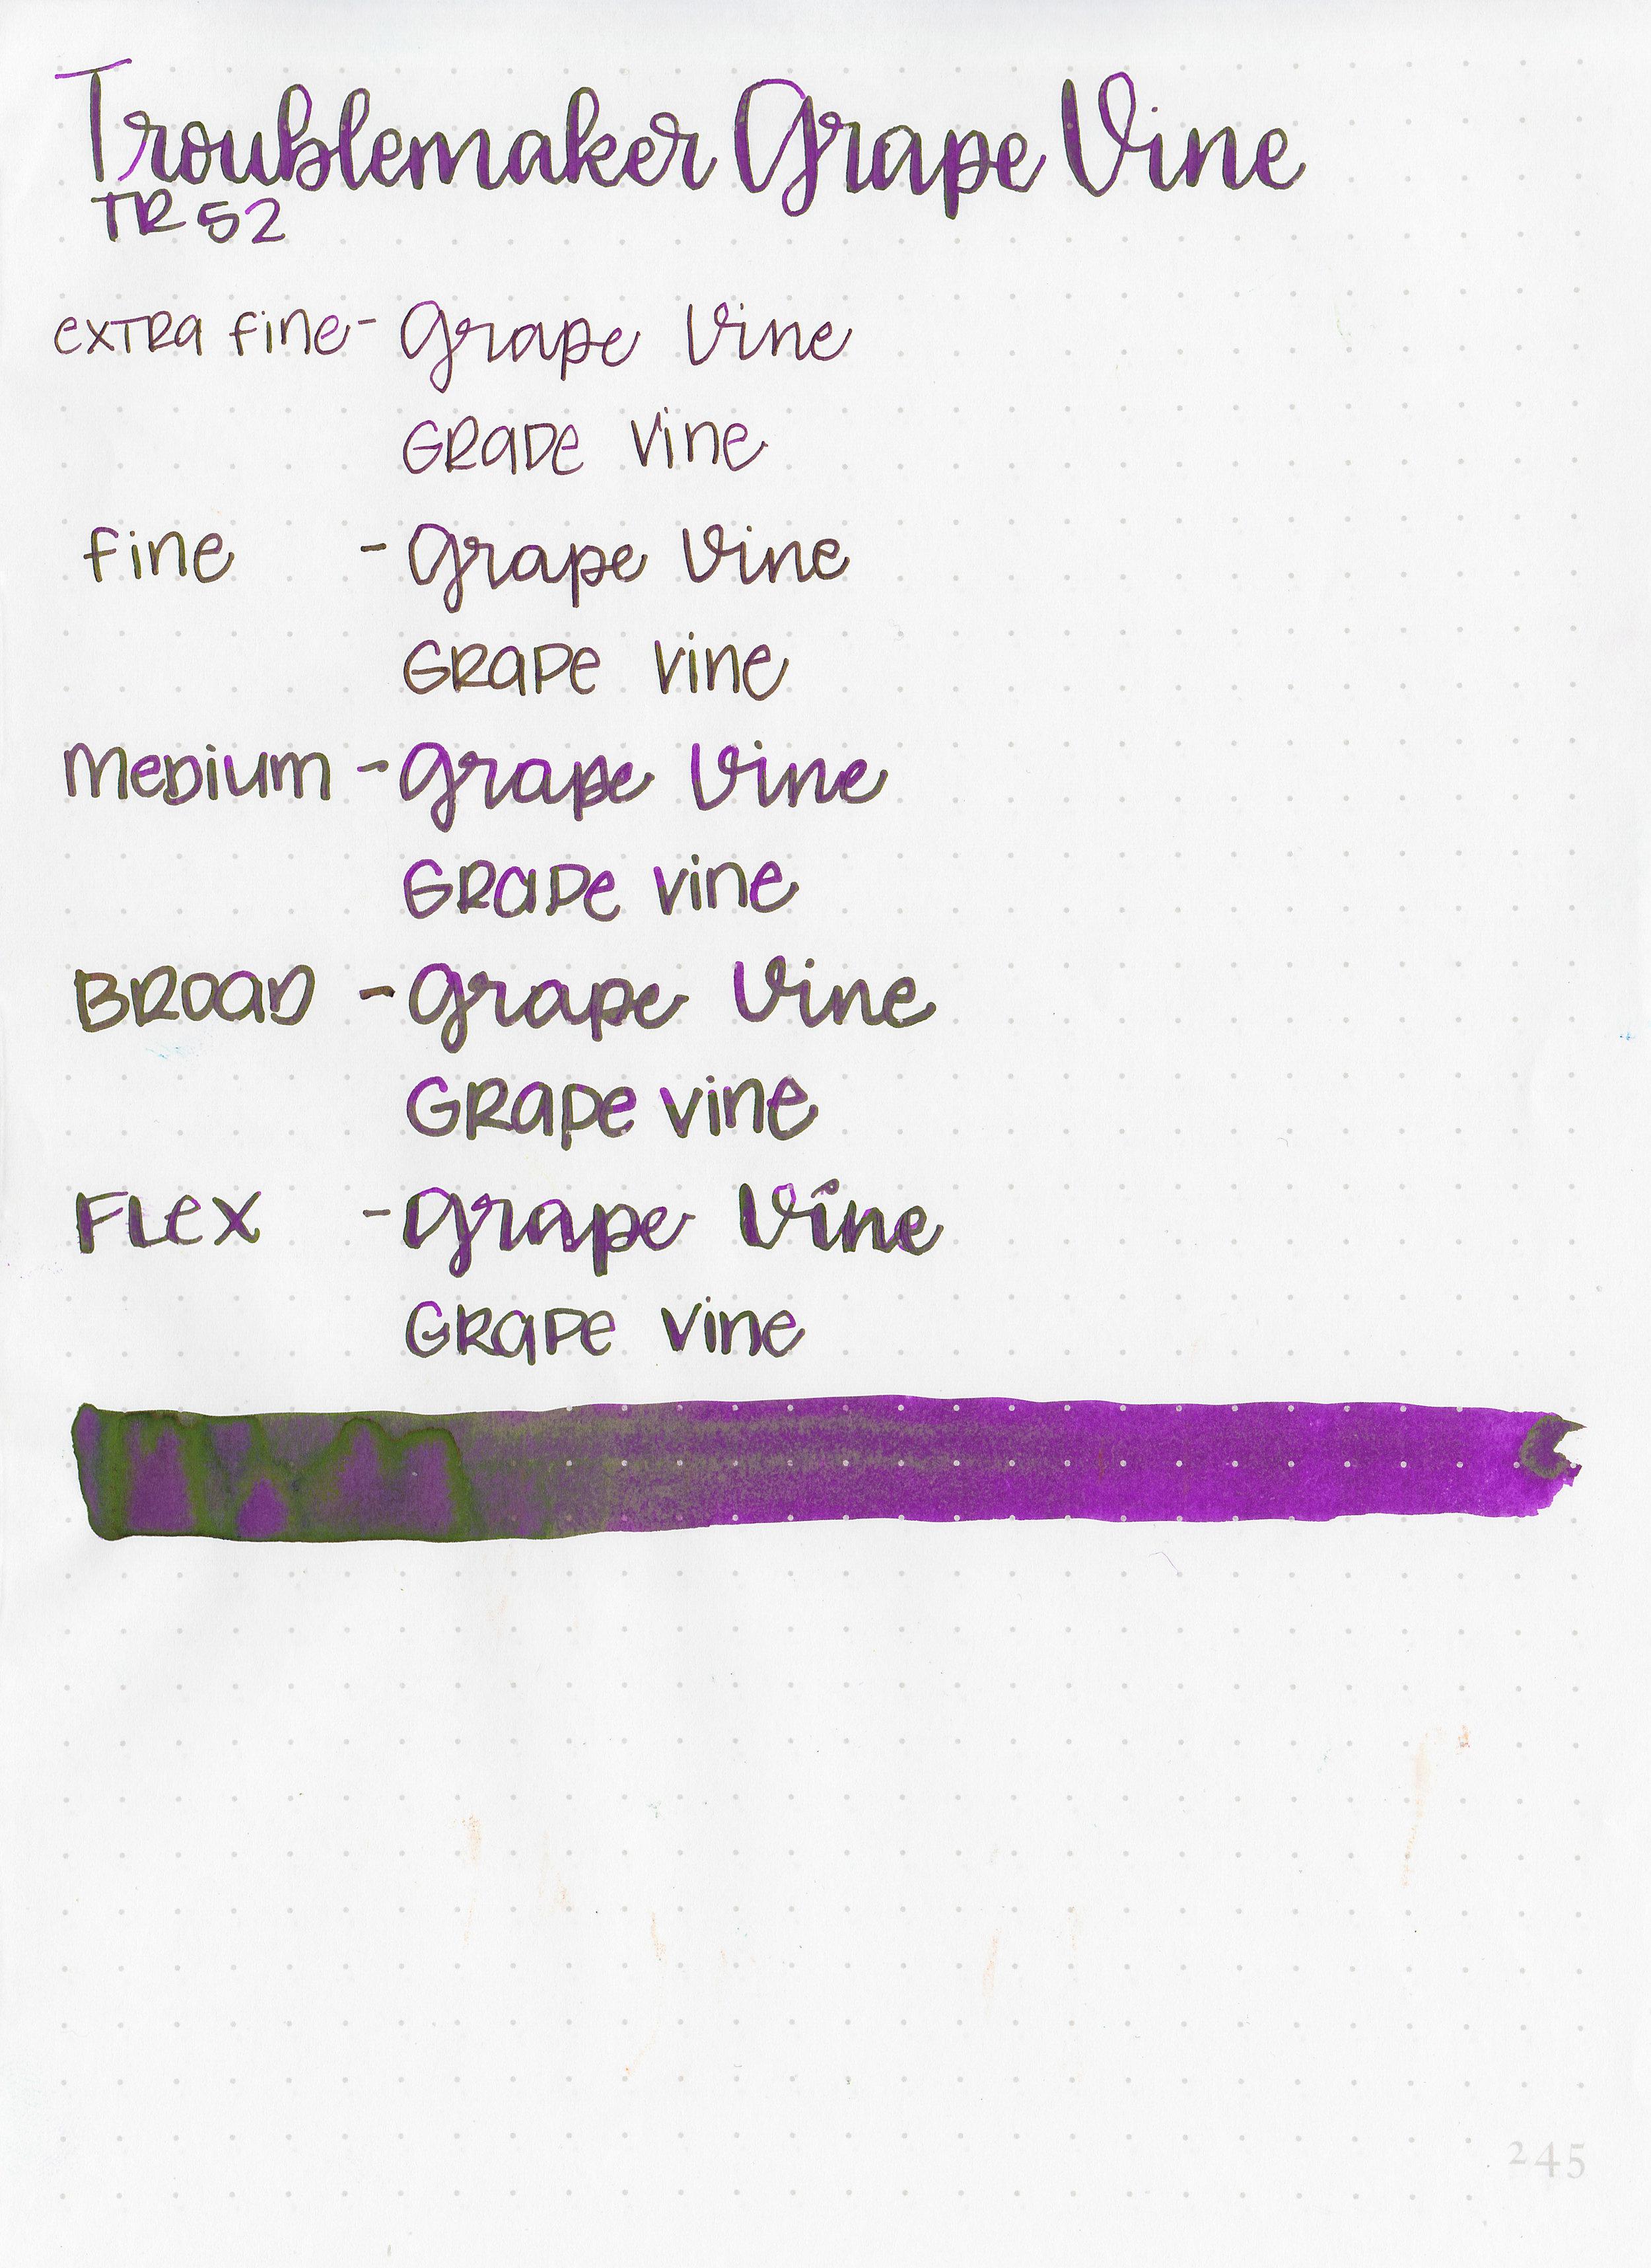 tbm-grape-vine-6.jpg